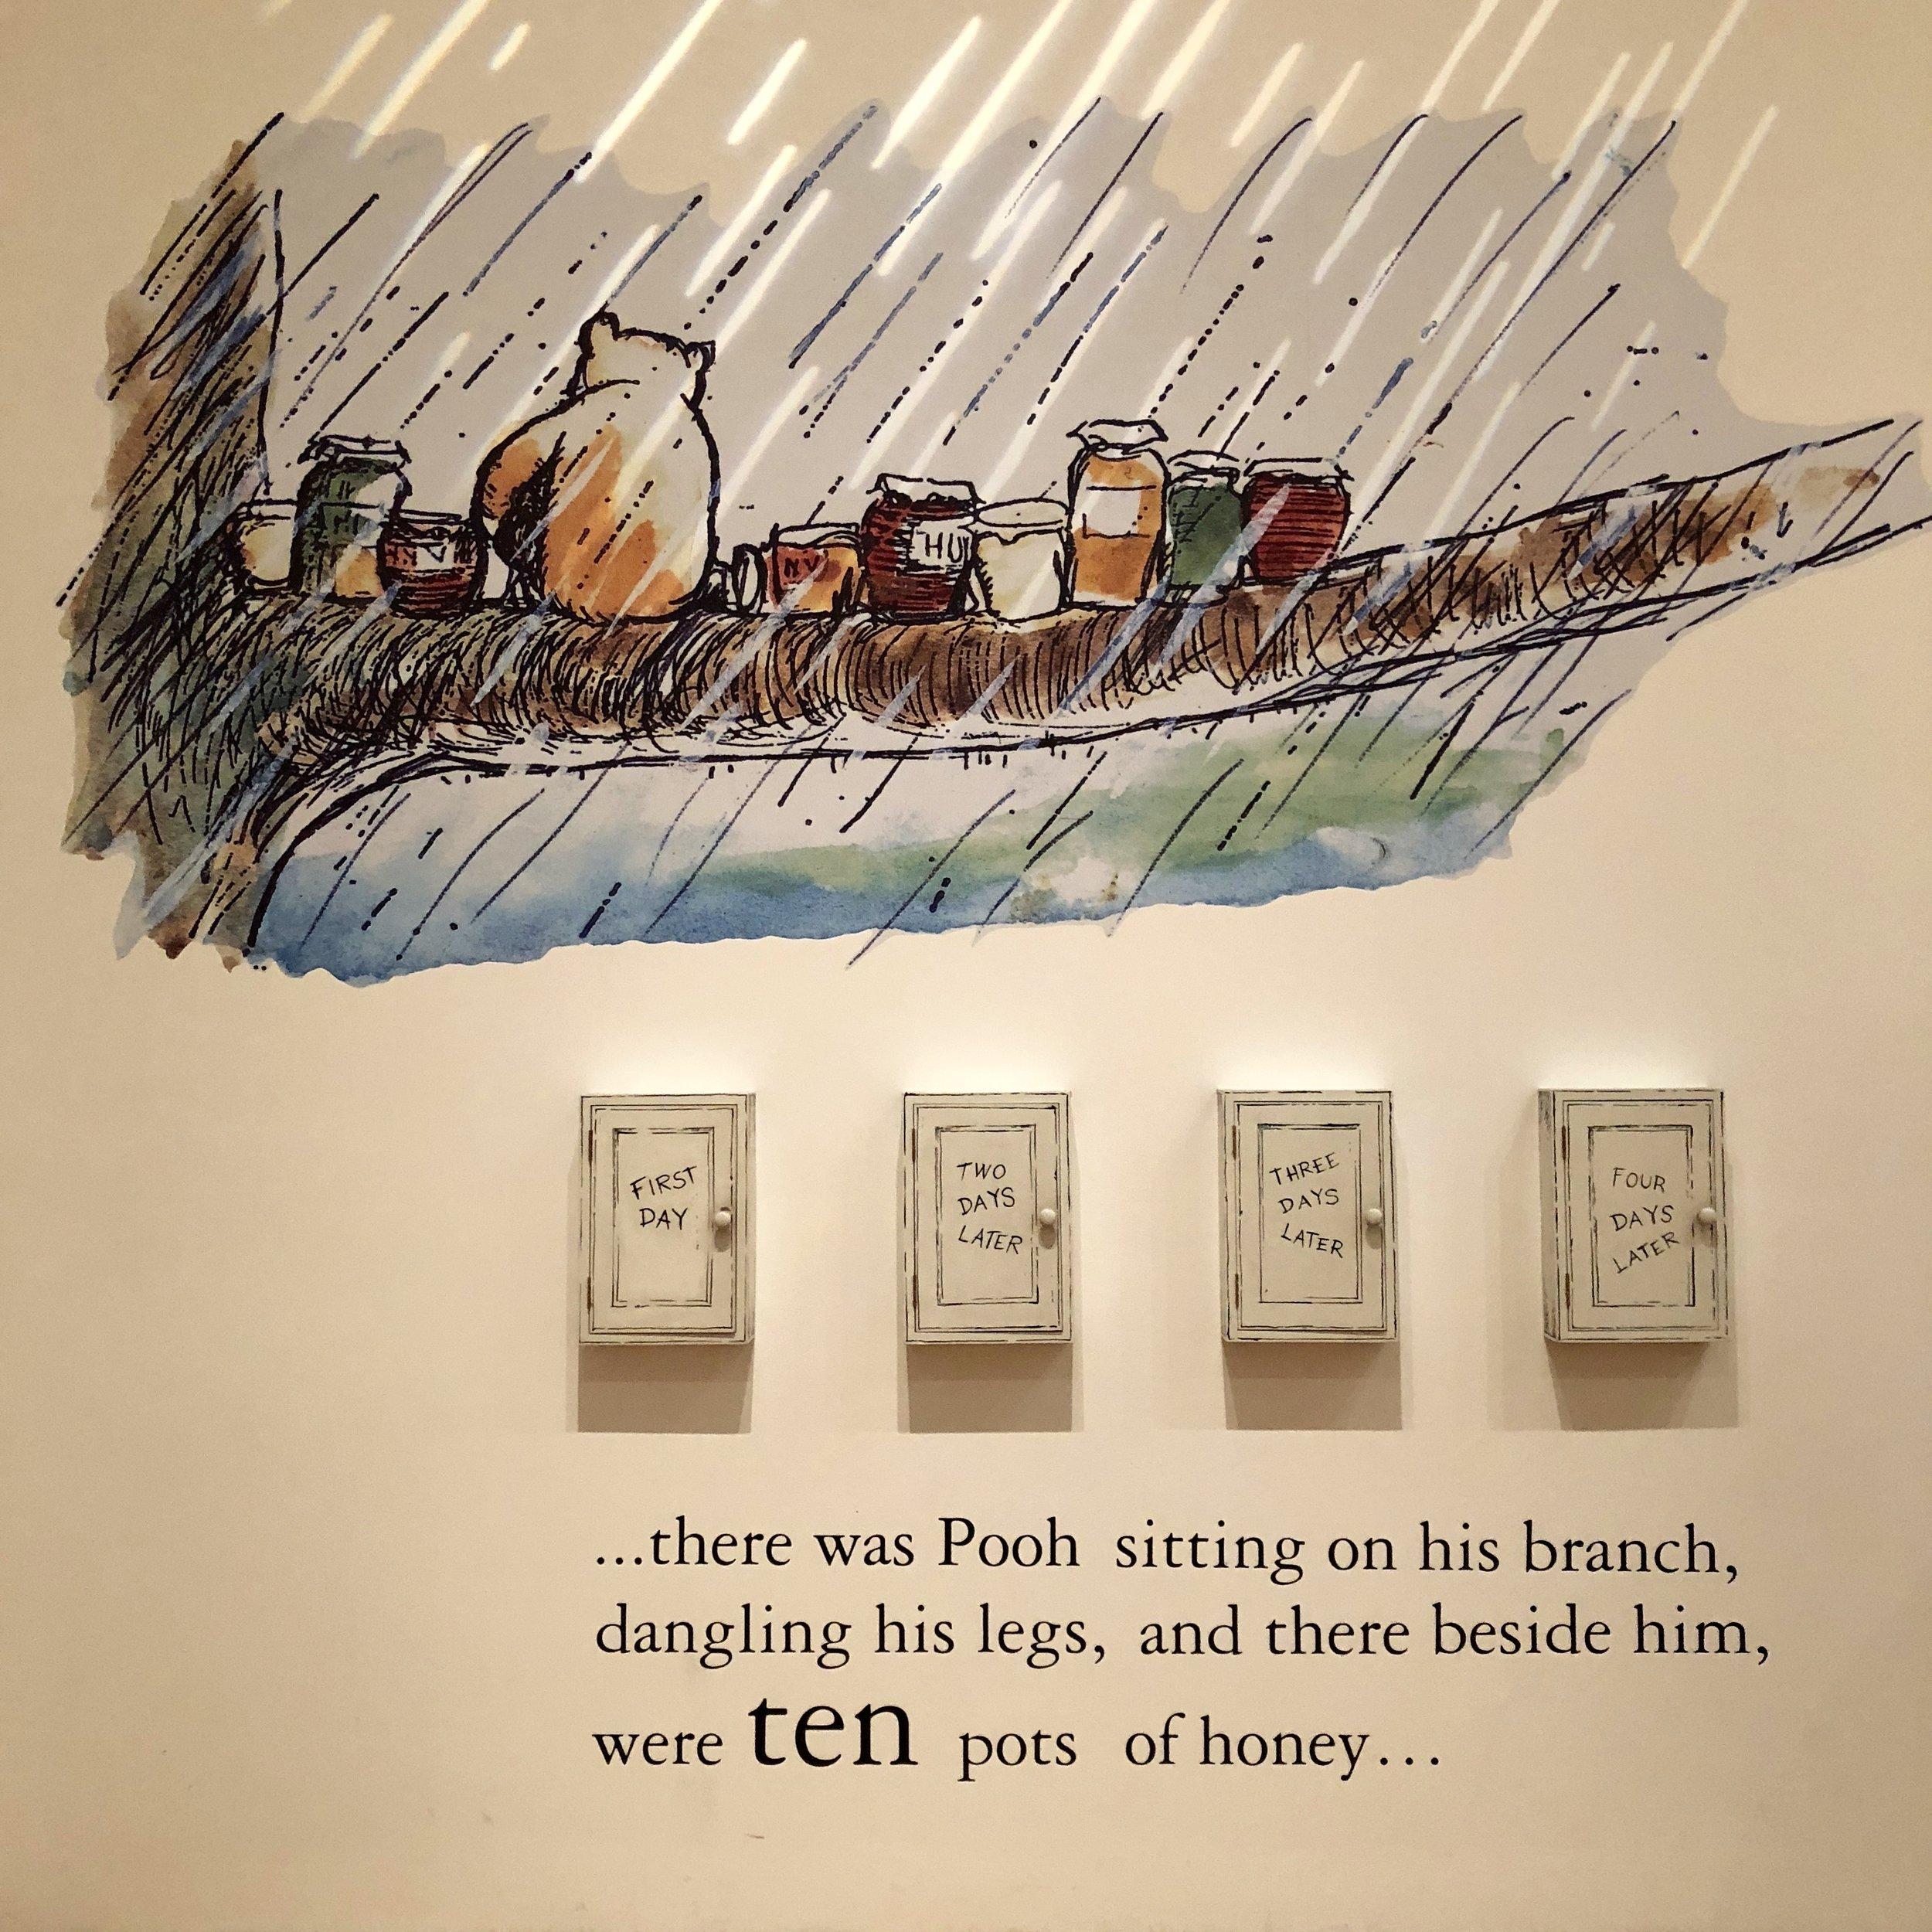 Glimsen-Pooh-honeypots.jpg